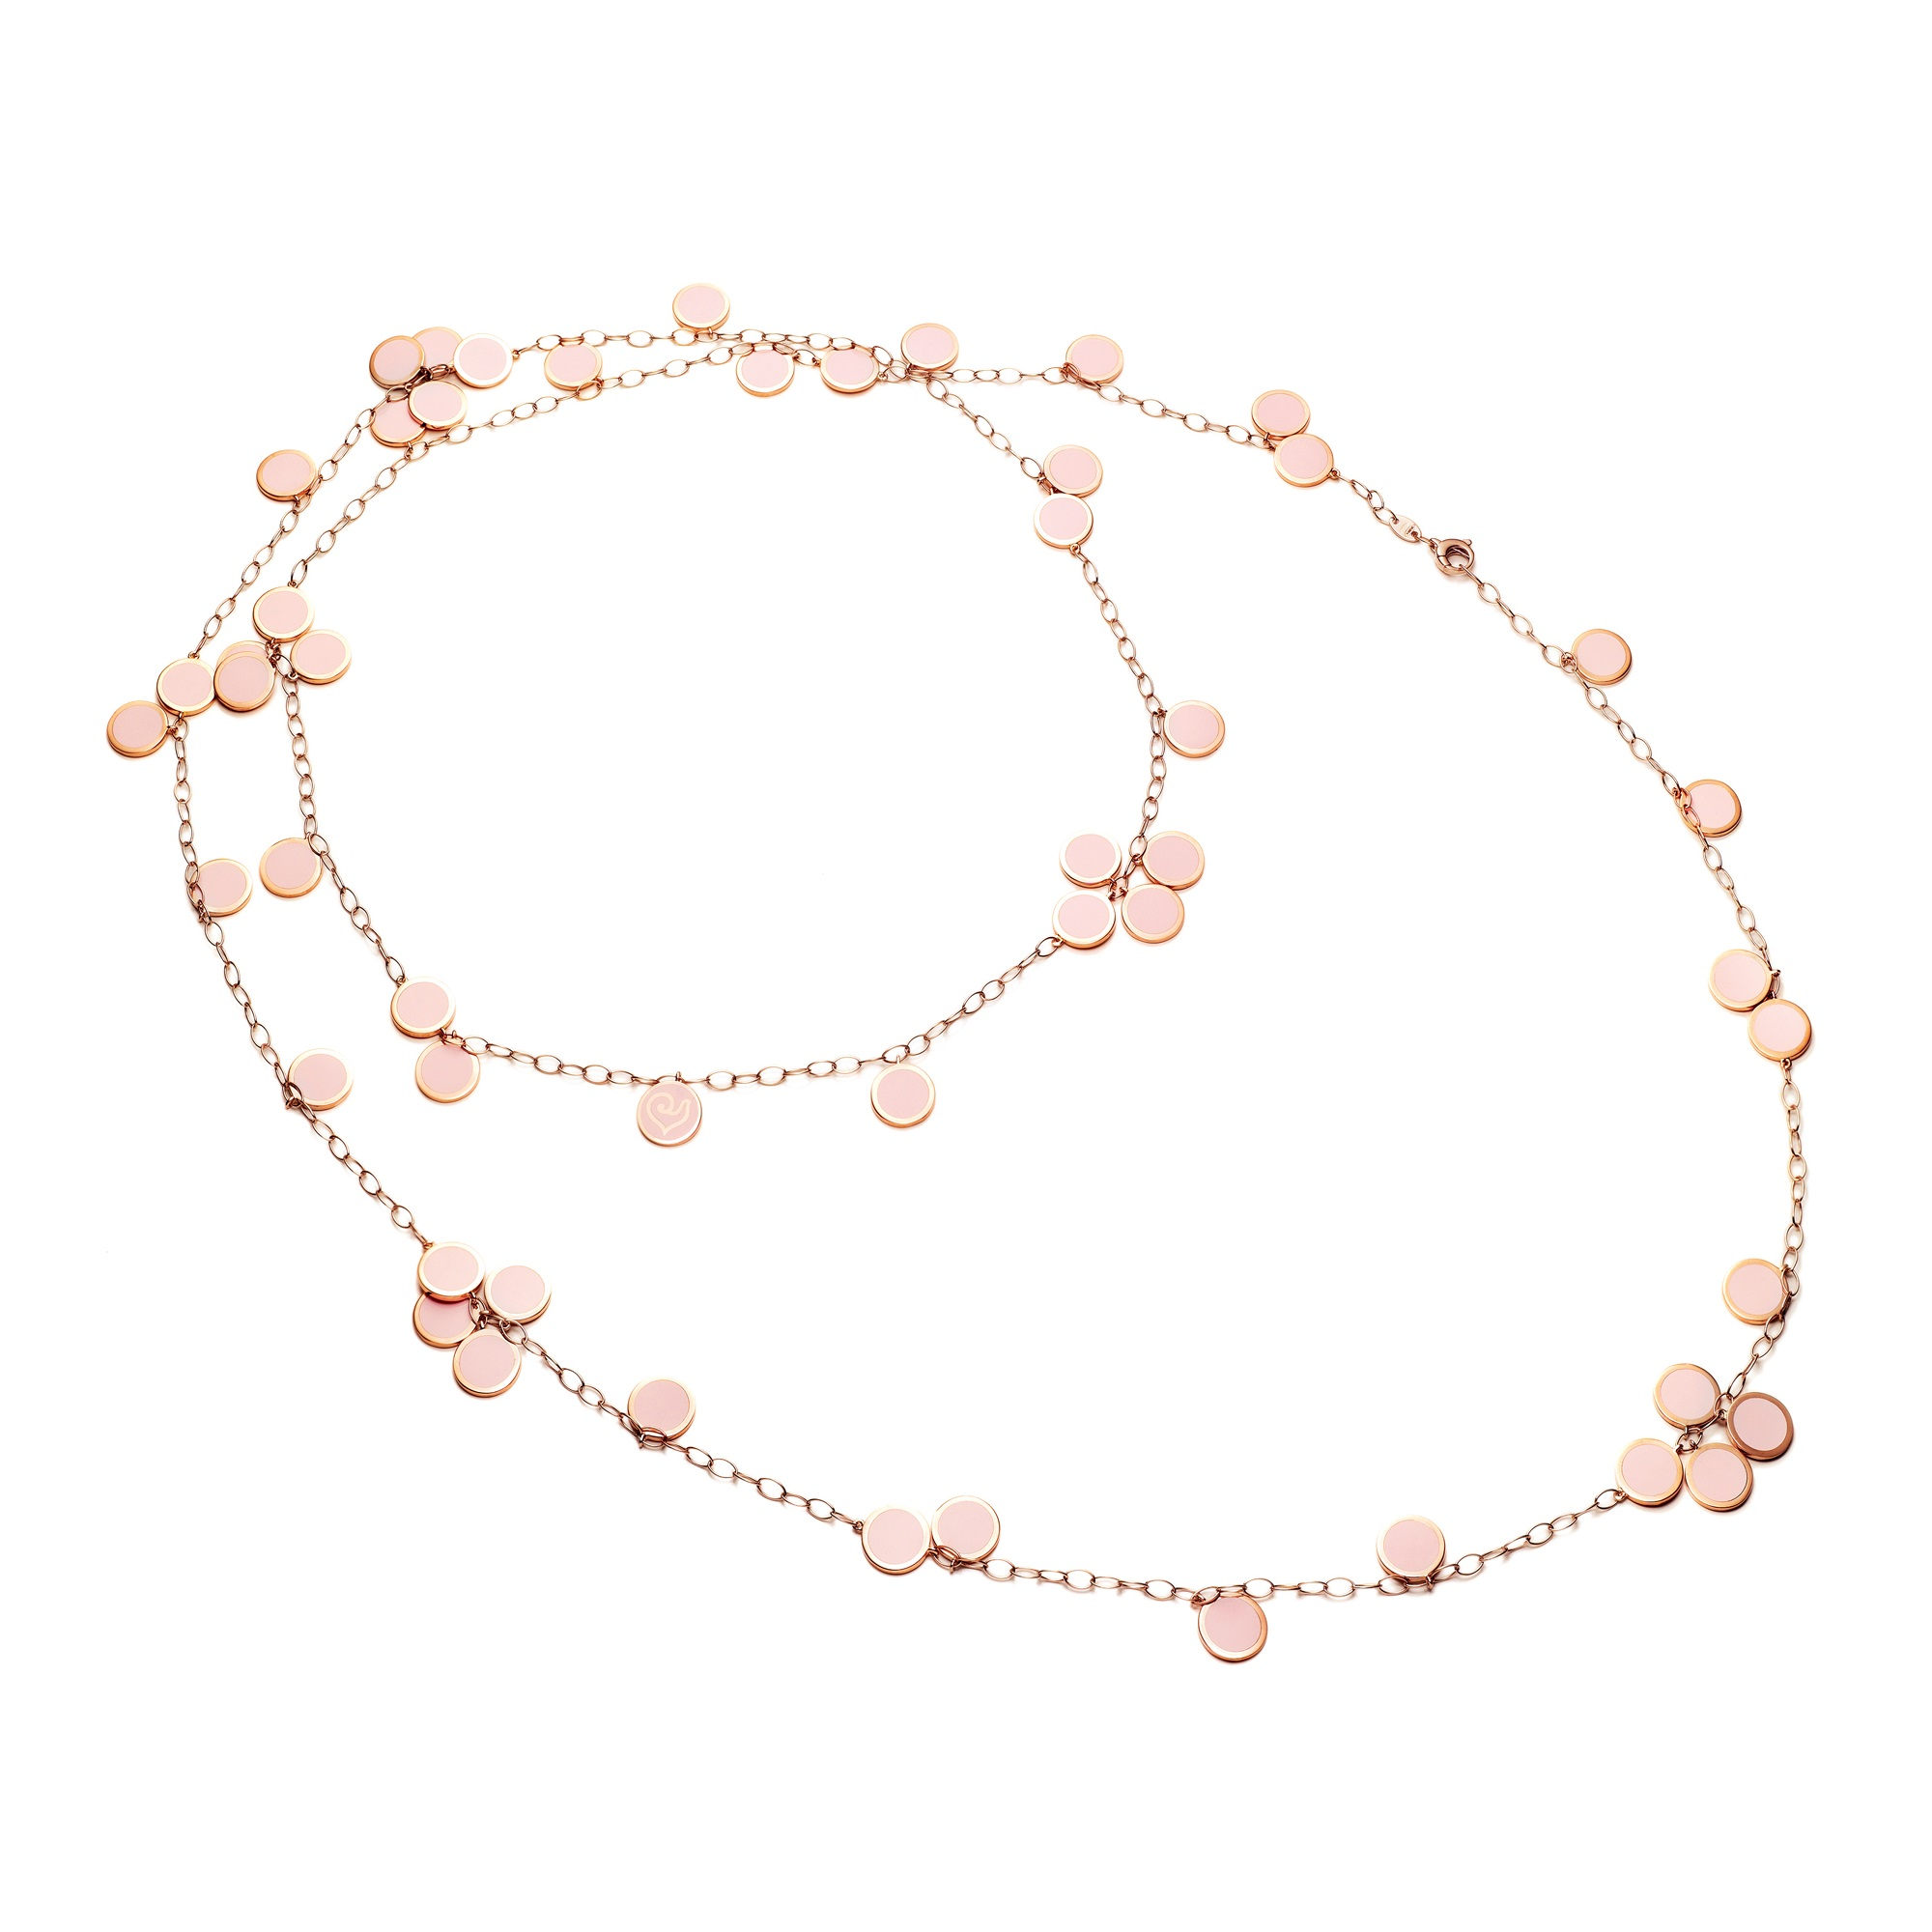 Chantecler Paillettes Collier aus Roségold mit rosa Emaille